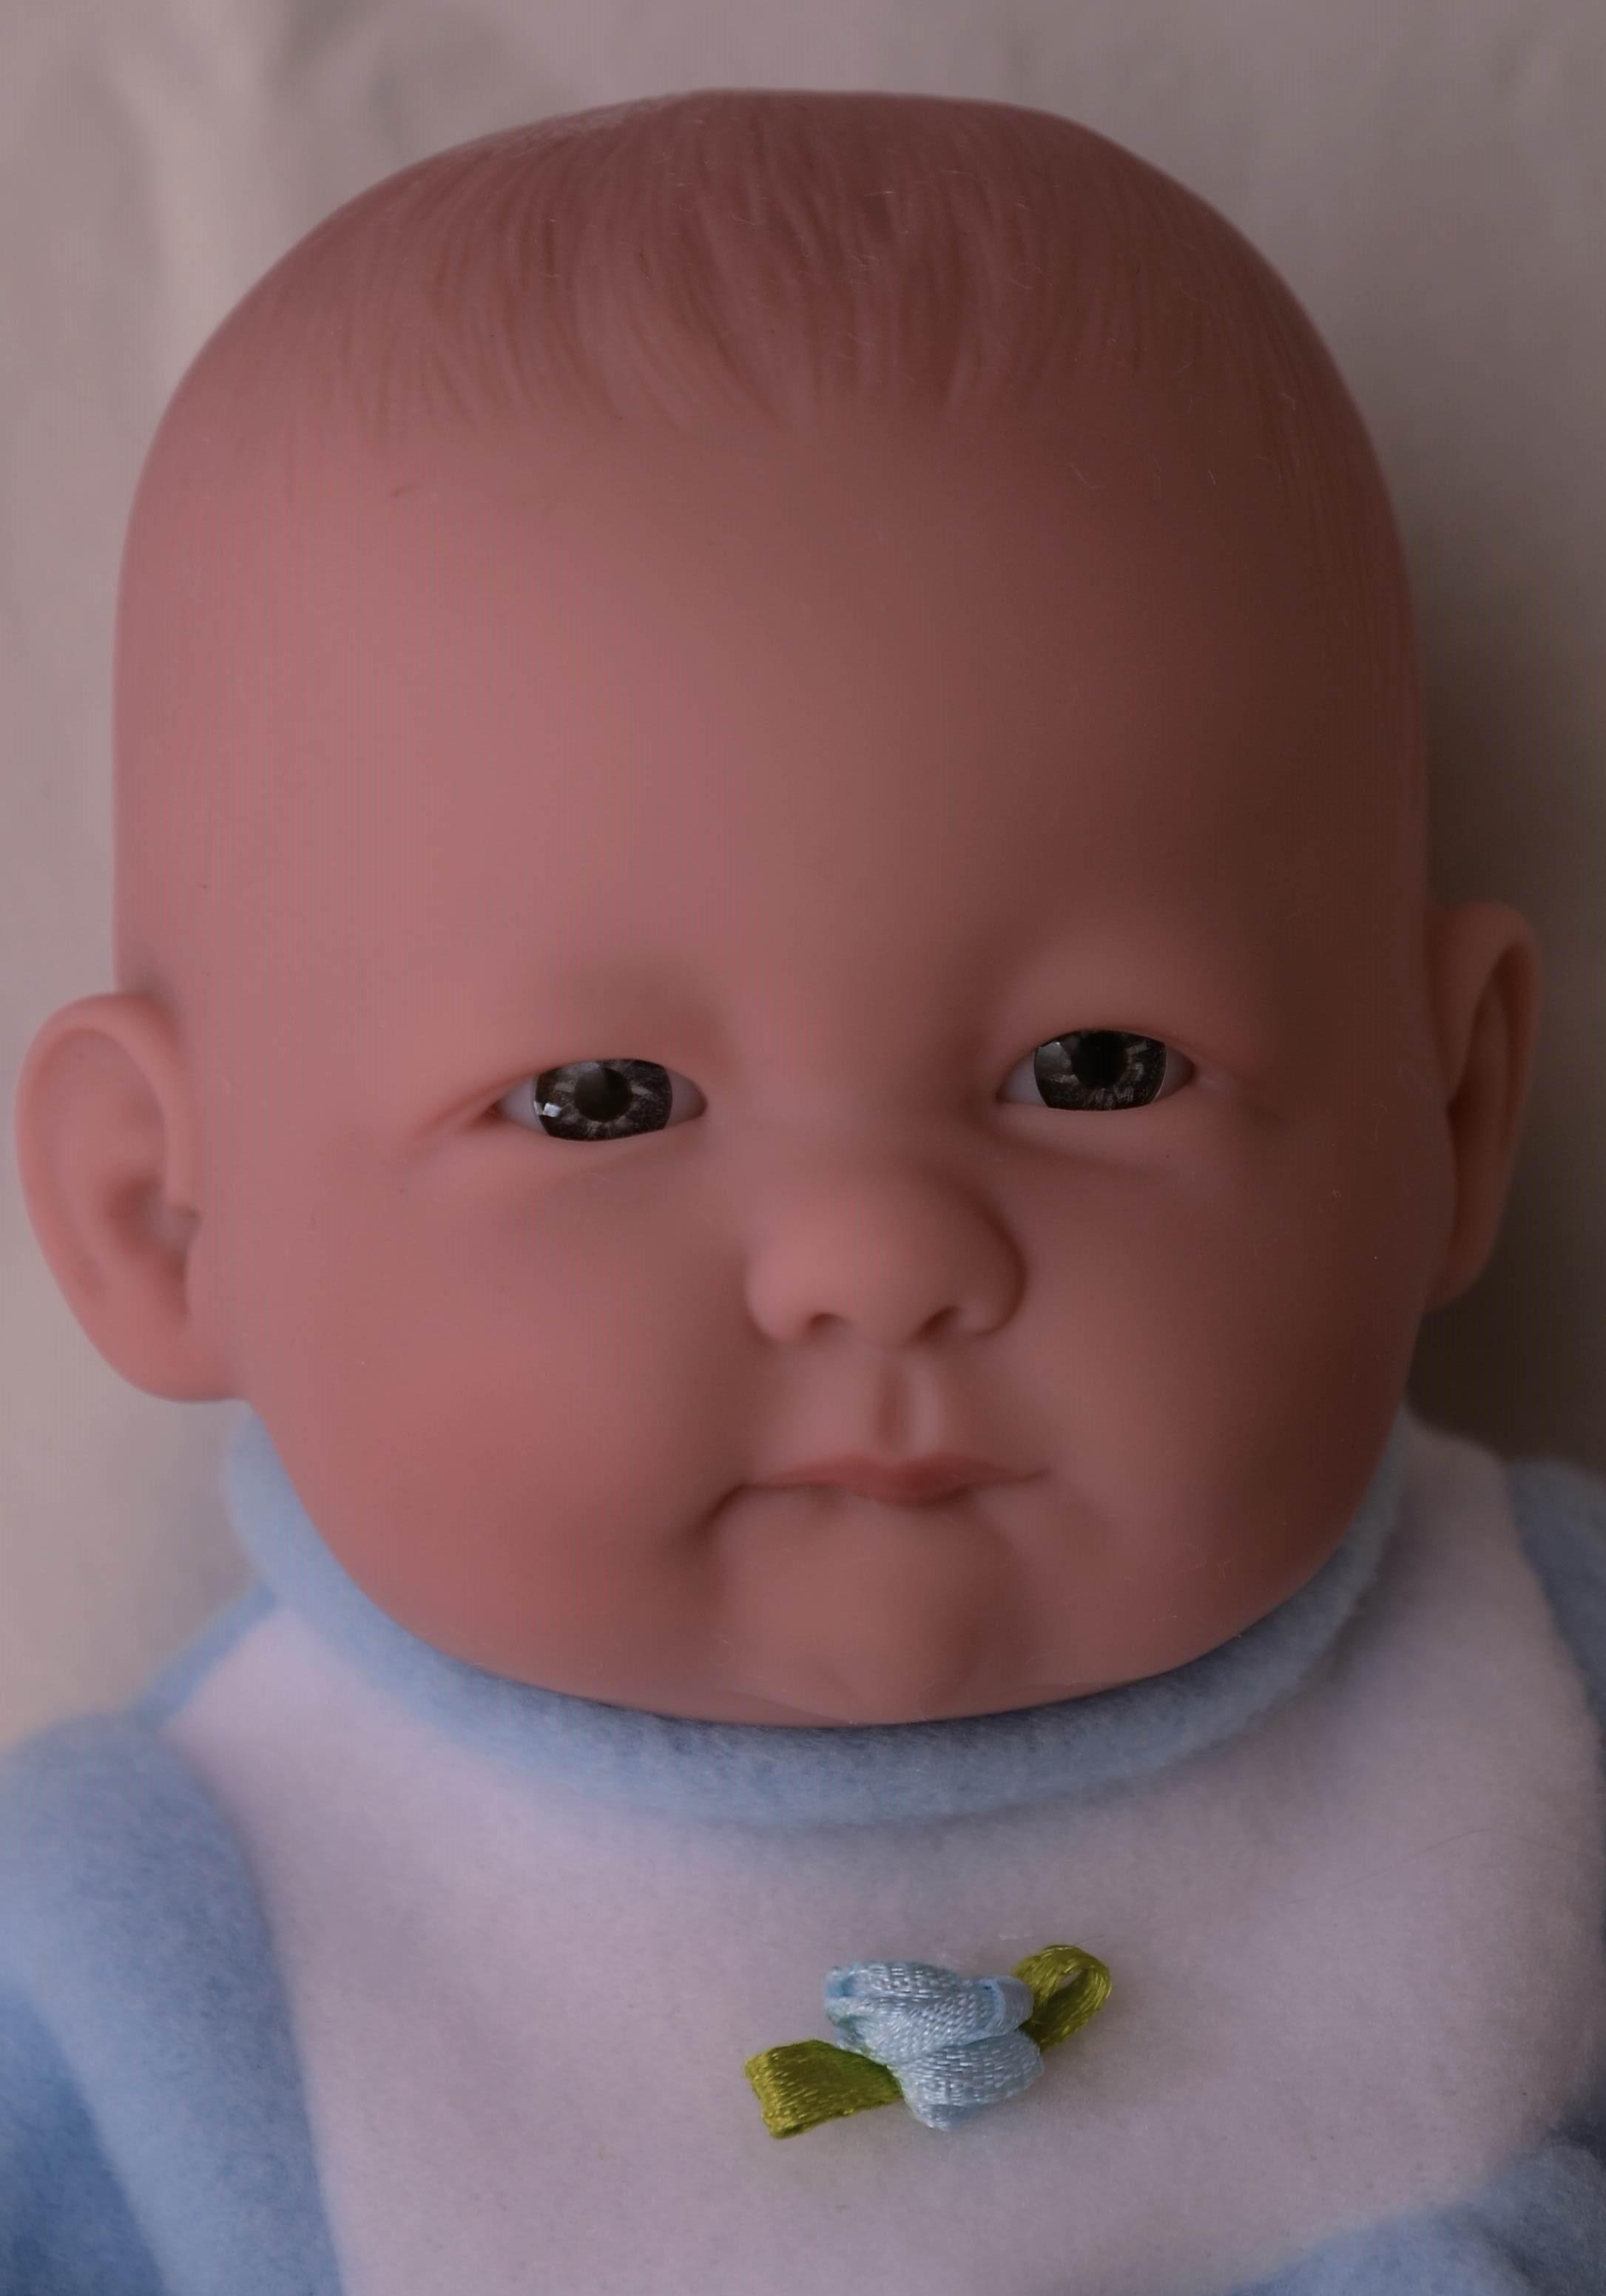 Realistická panenka chlapeček Damián od firmy Guca ze Španělska (Doprava od 35 Kč)